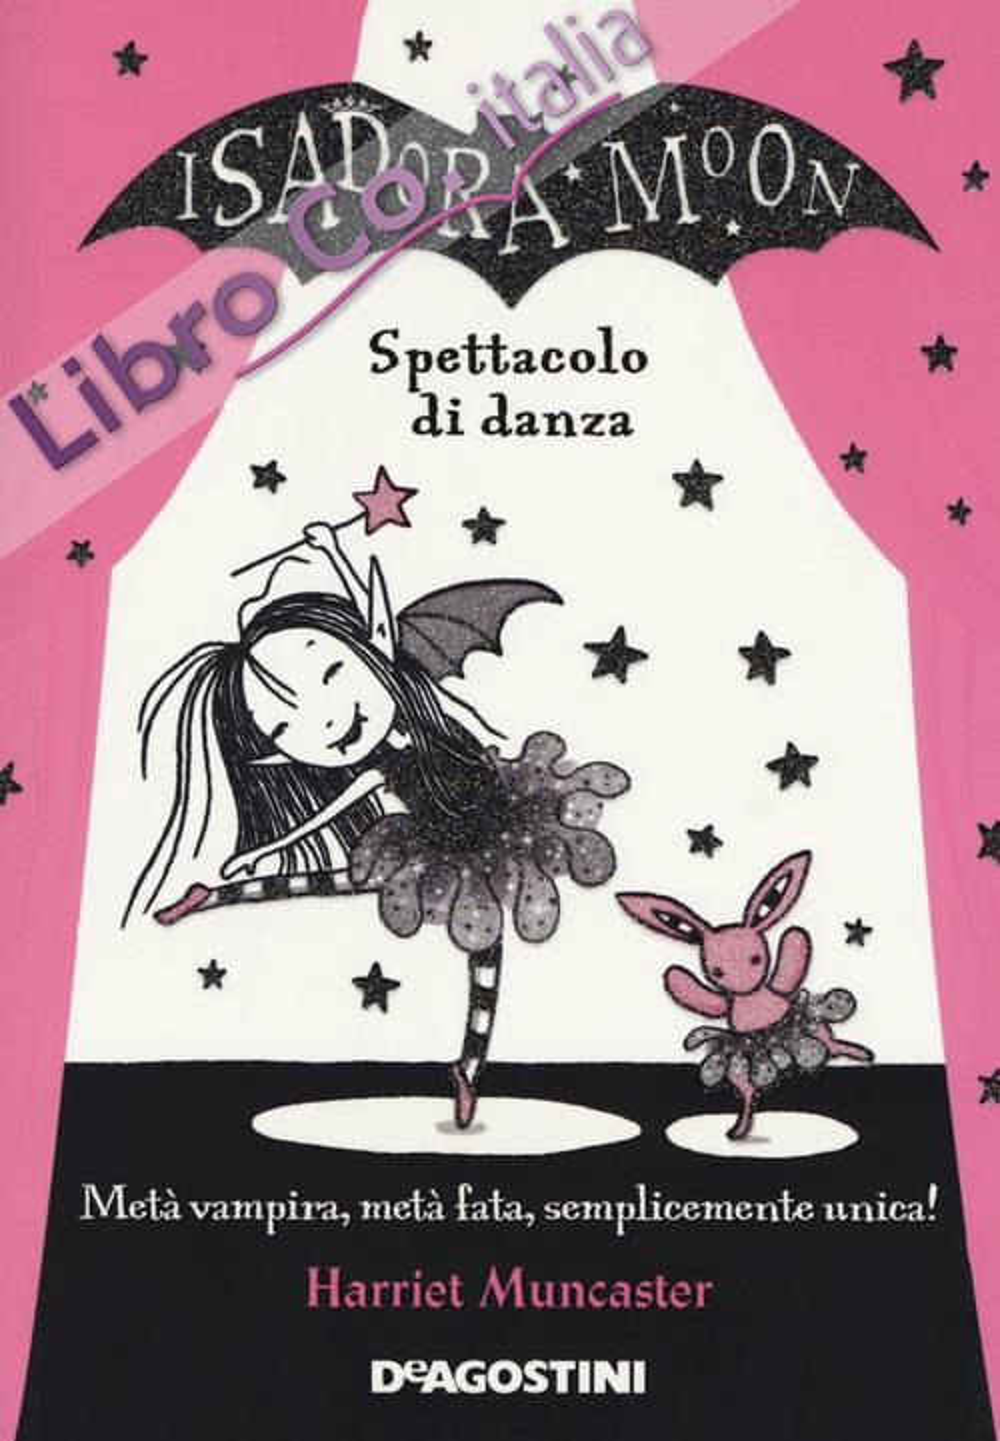 Spettacolo di danza. Isadora Moon